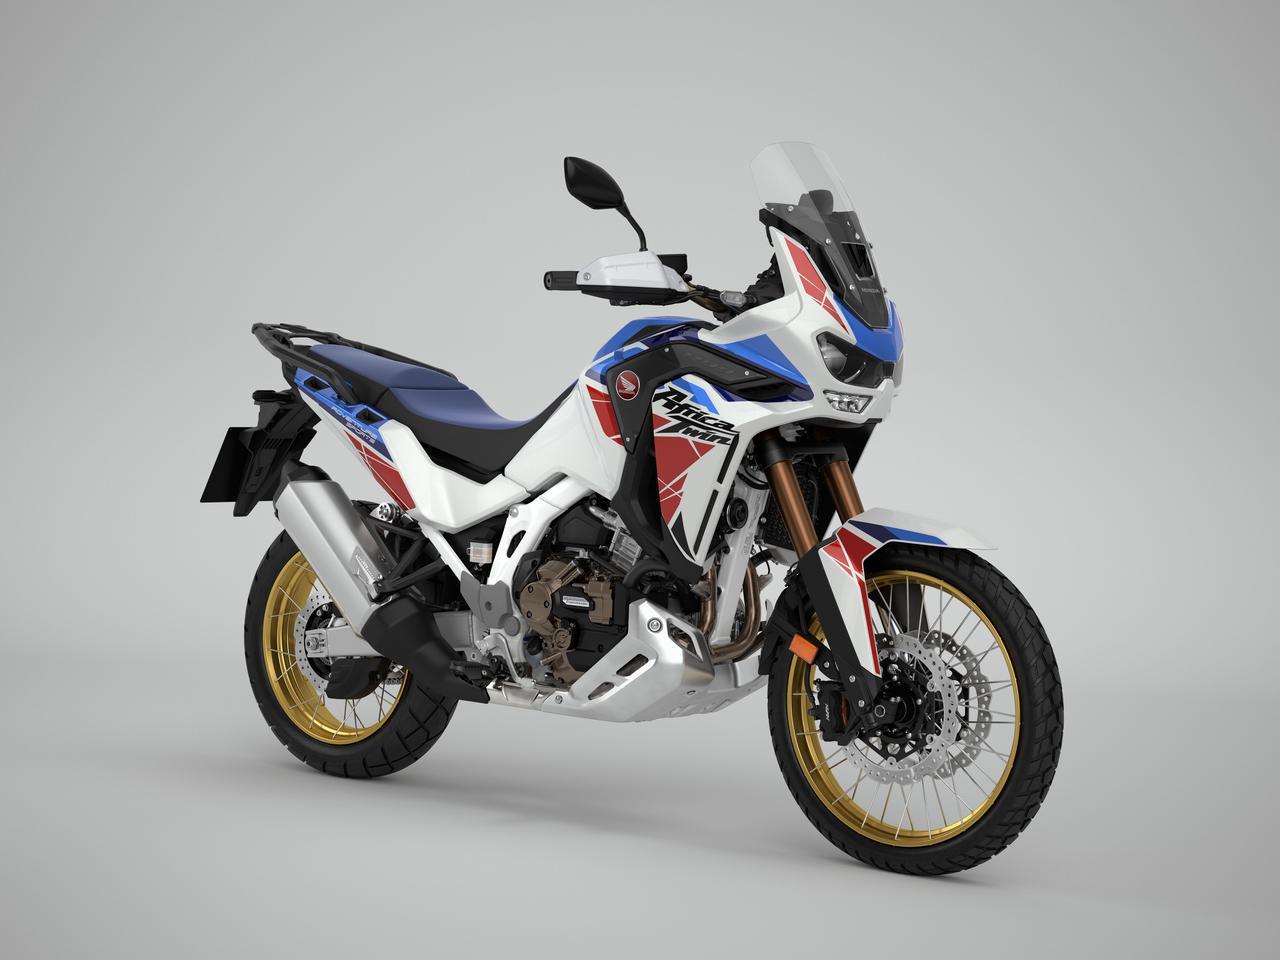 画像: Honda CRF1100L AFRICA TWIN ADVENTURE SPORTS 海外仕様・2022年モデル 総排気量:1084cc エンジン形式:水冷4ストOHC4バルブ並列2気筒 シート高:850/870mm 車両重量:238kg(DCT仕様・248kg)